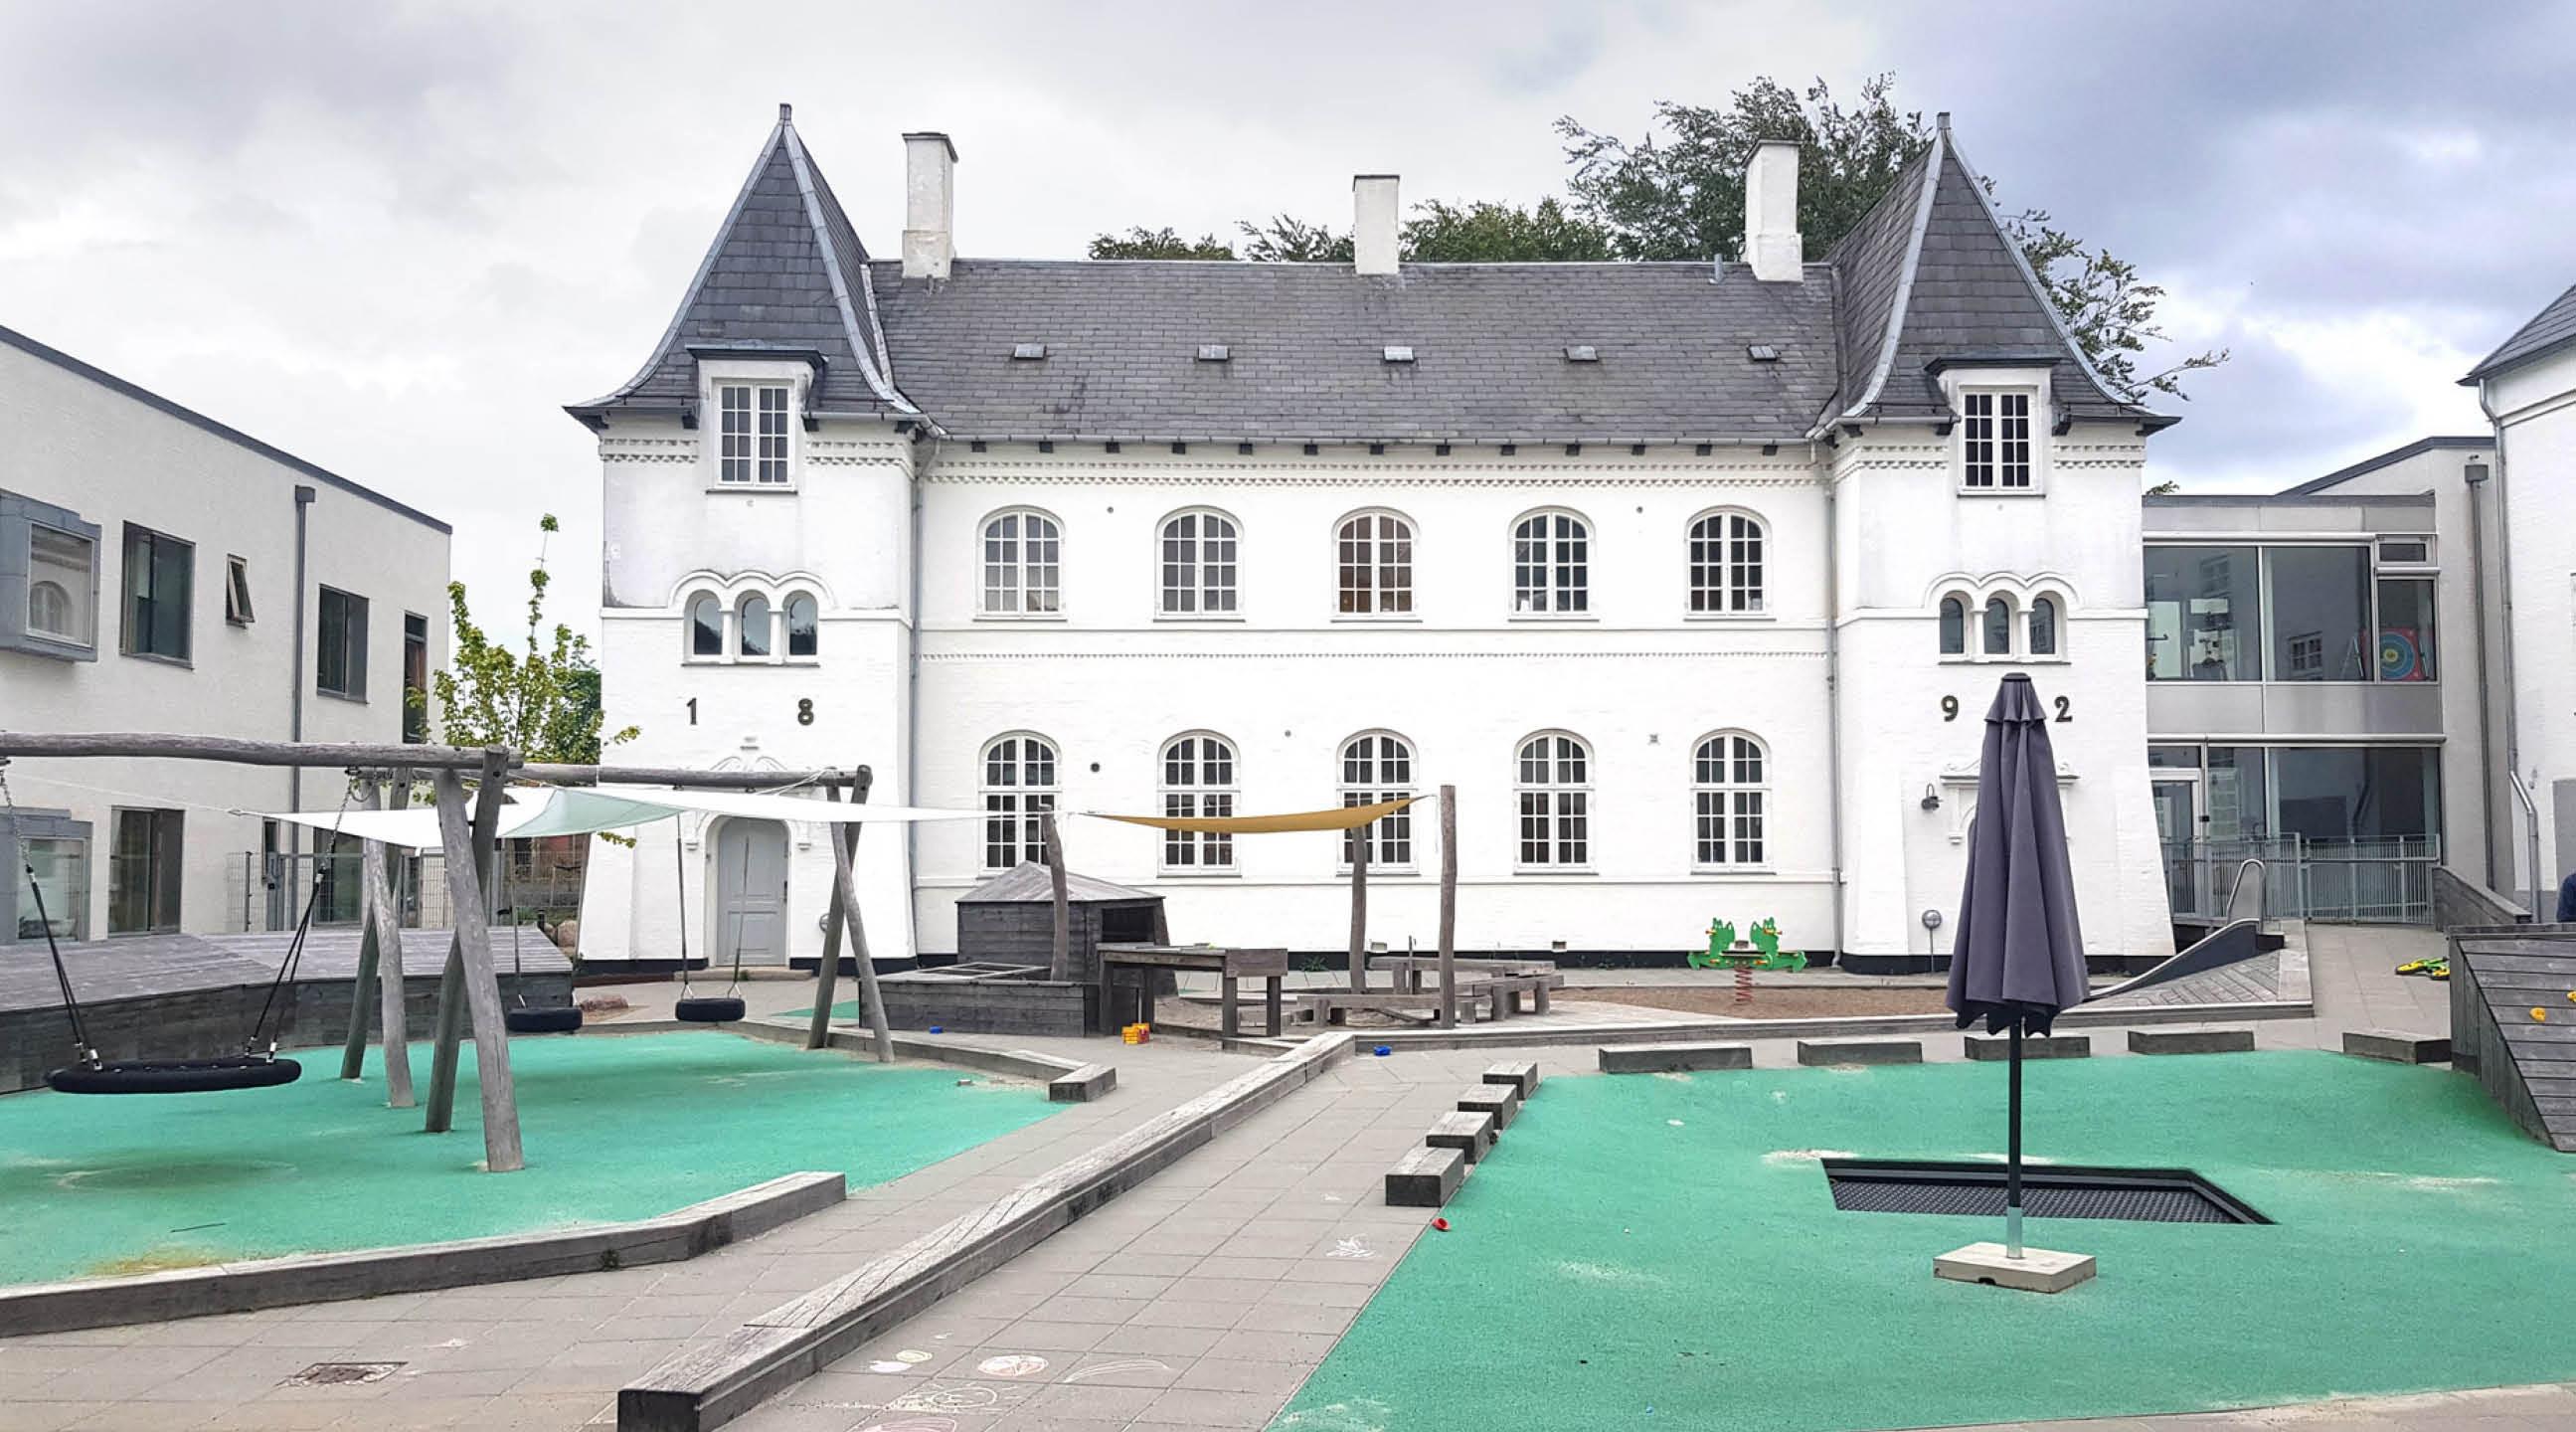 Legeplads med grøn beklædning på jorden og gynger, trampolin og balanceredskaber. I baggrunden et hvidt slot fra 1892.